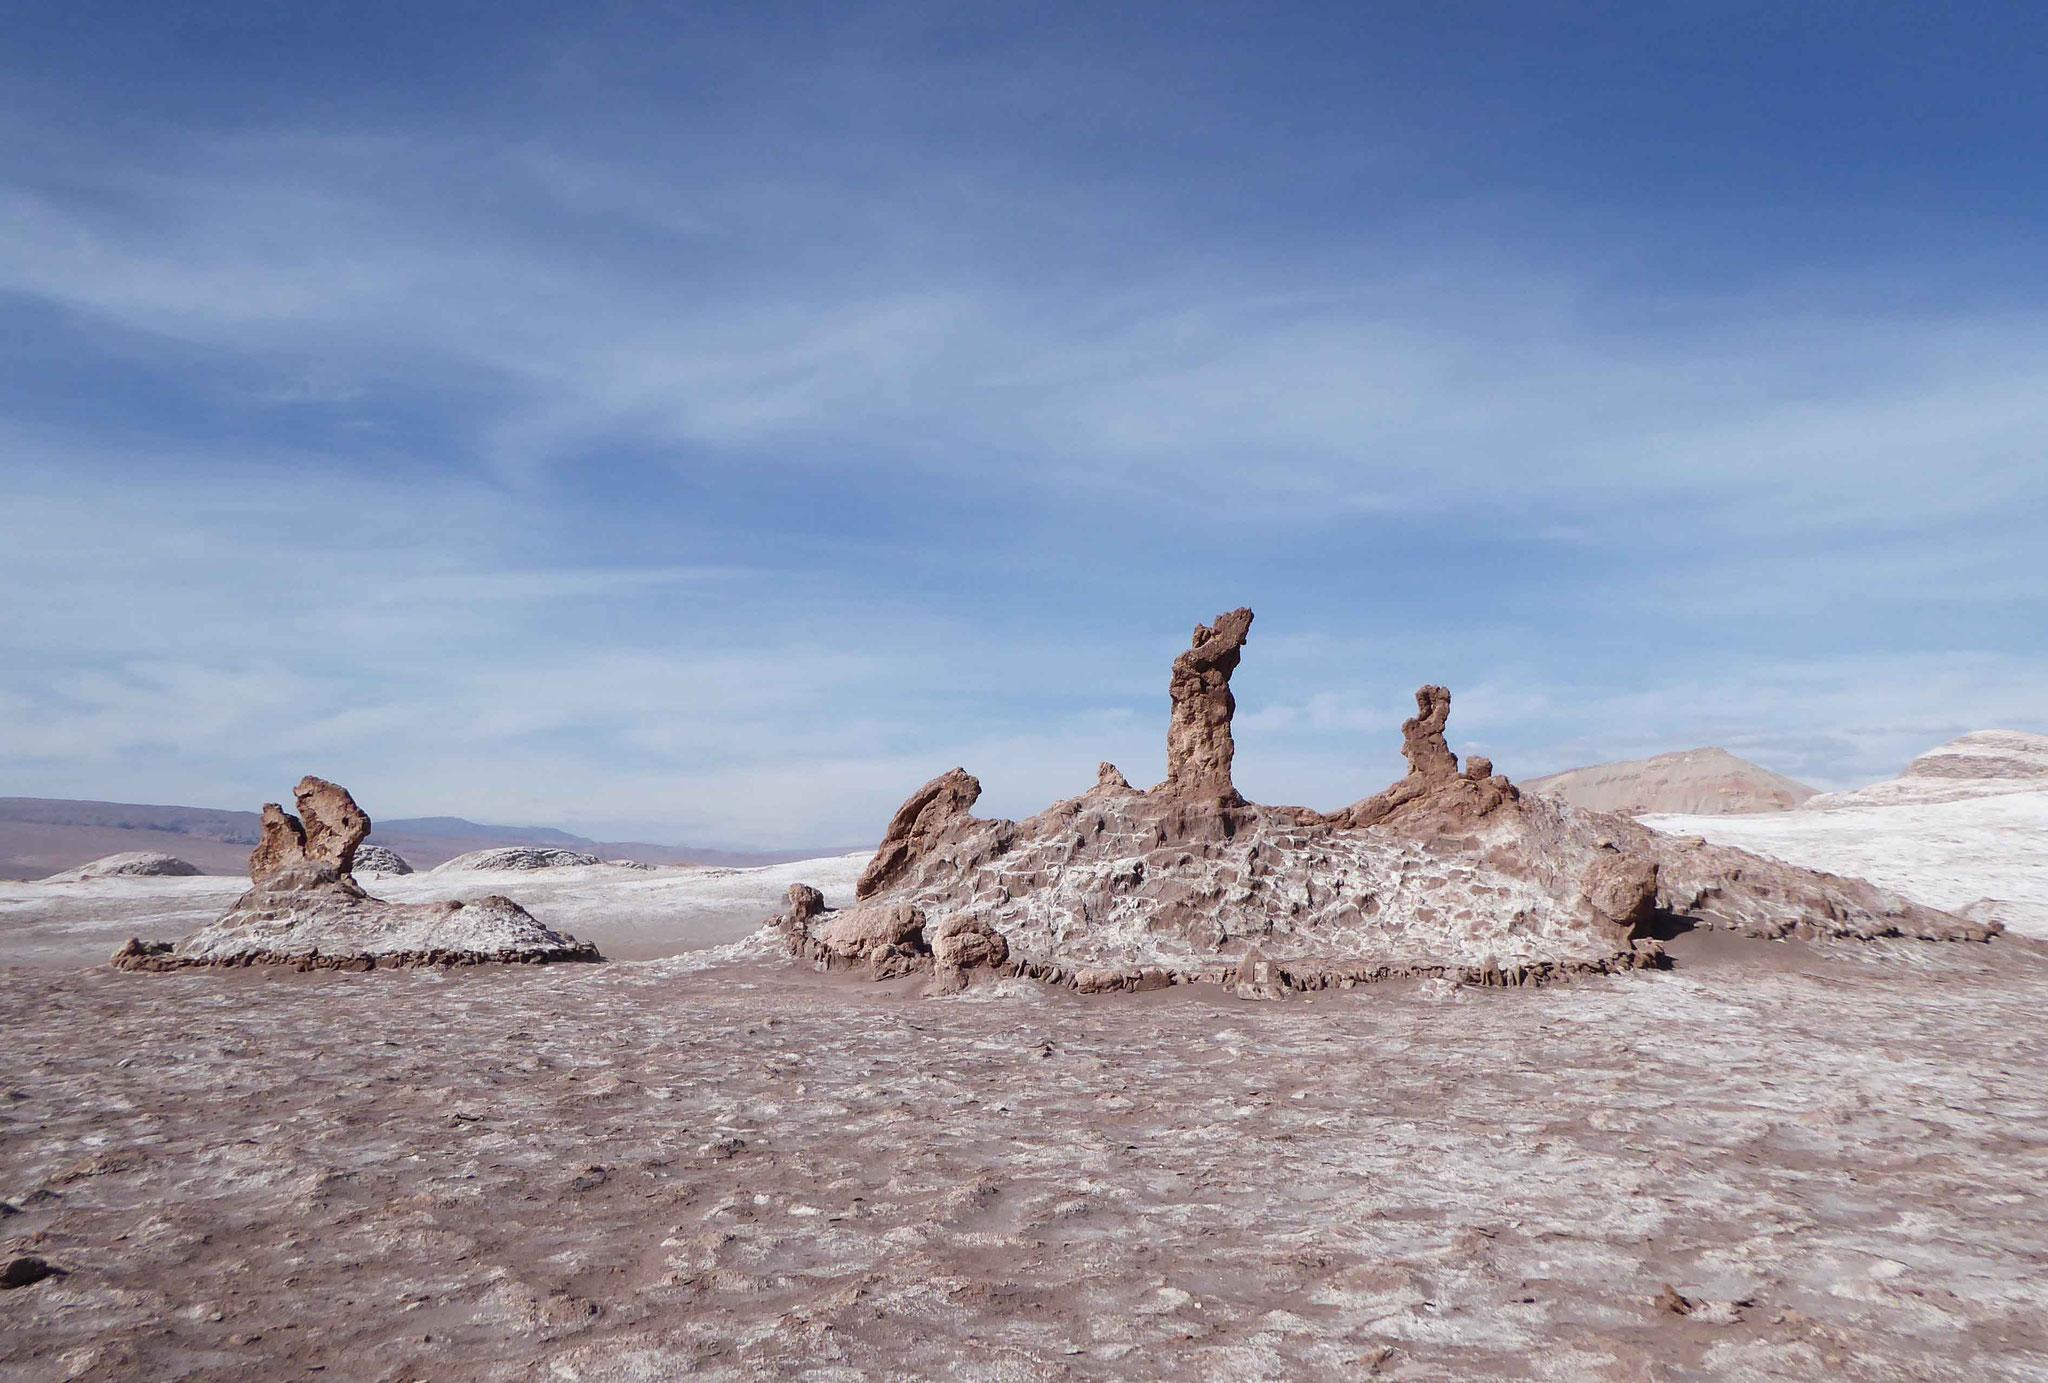 Les 3 Vierges de pierre façonnées par le vent